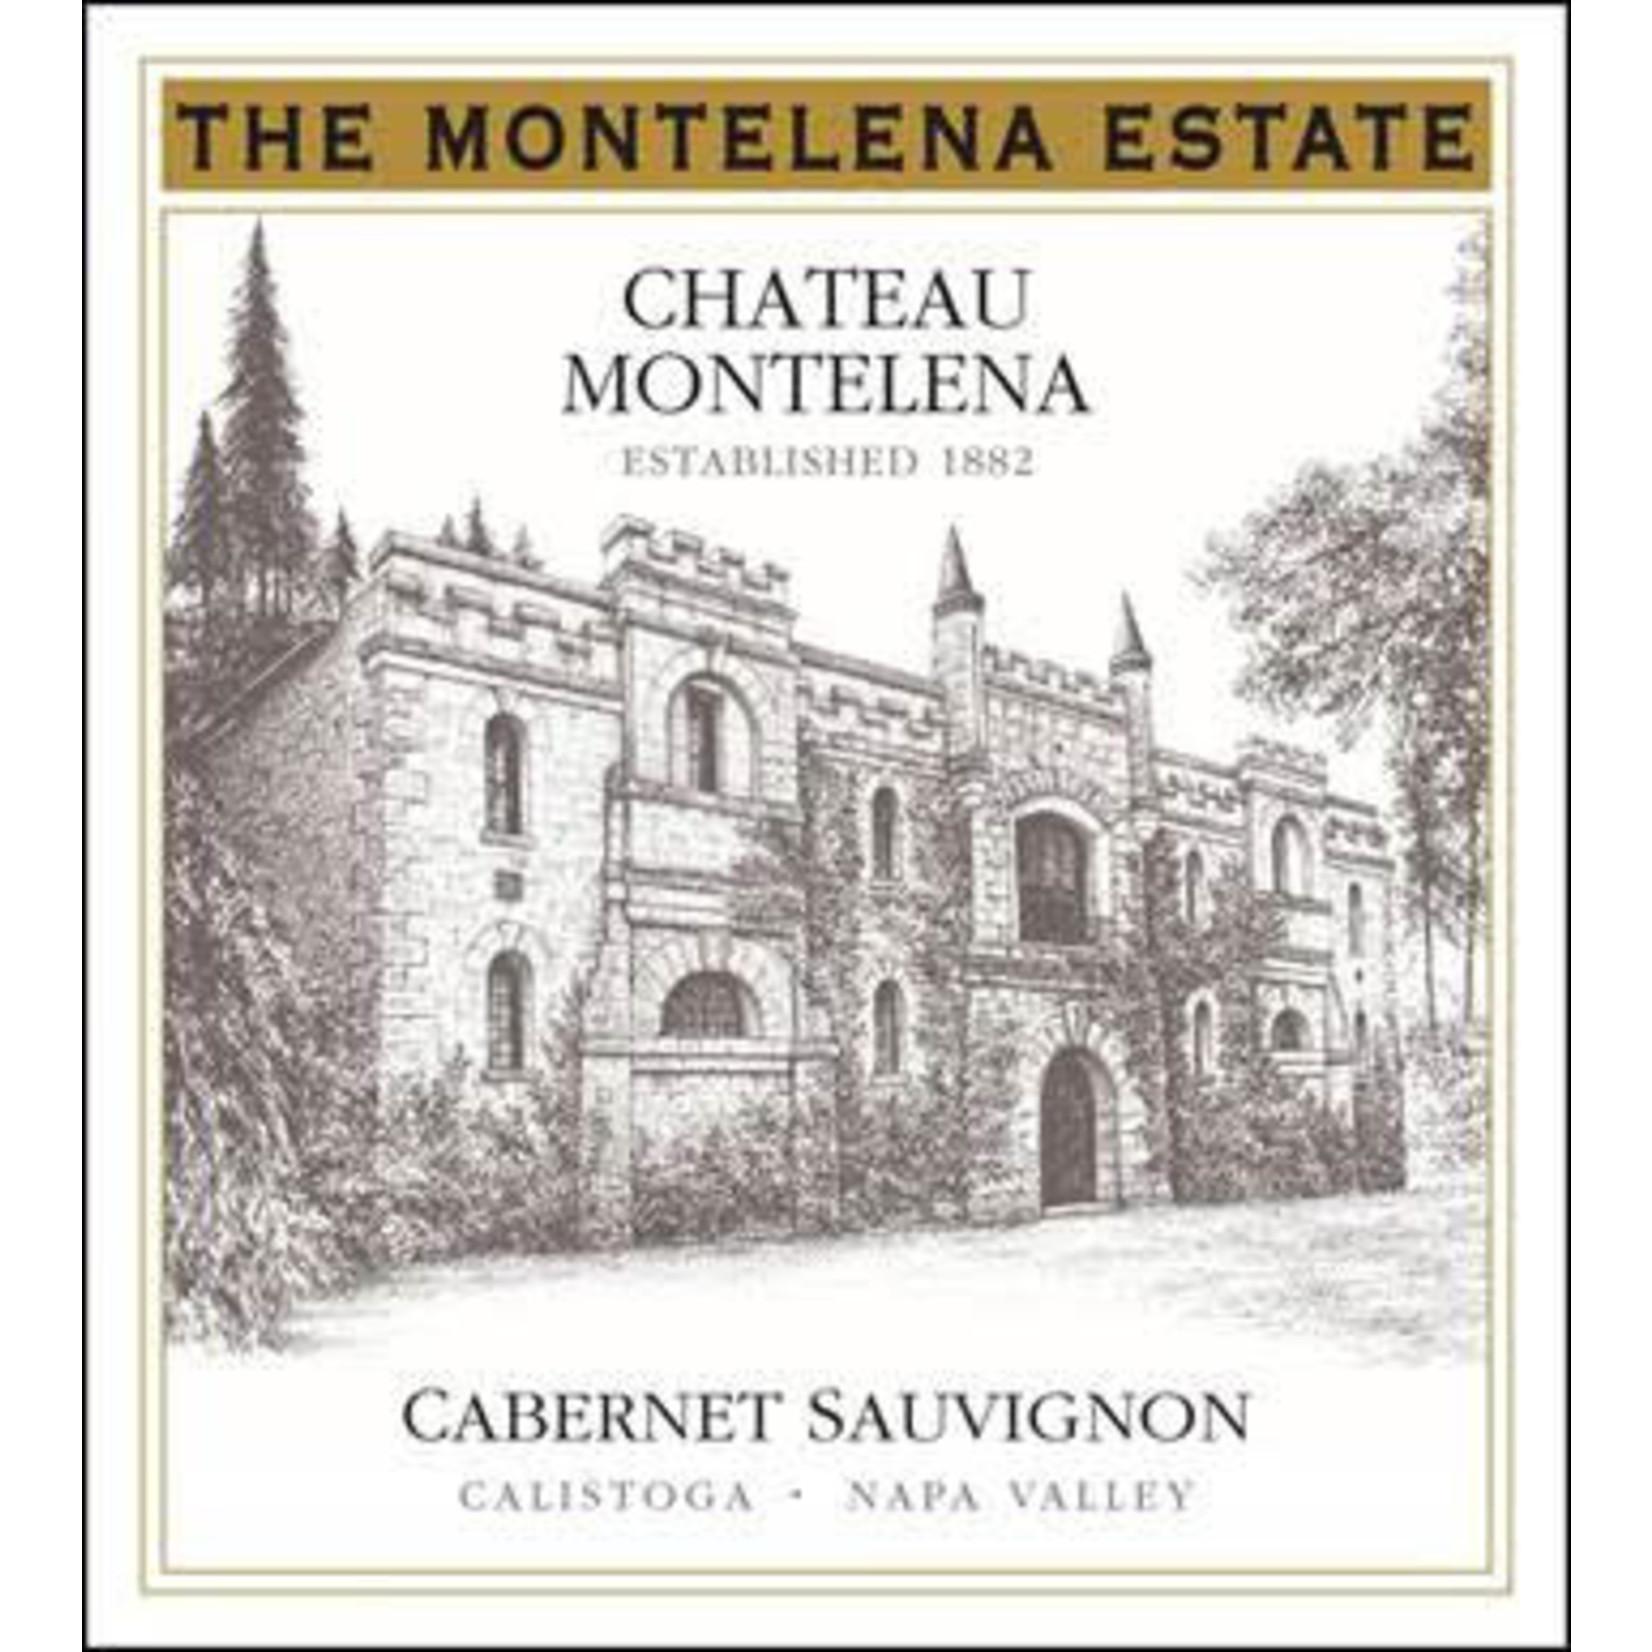 Wine Chateau Montelena Winery Estate Cabernet Sauvignon 2005